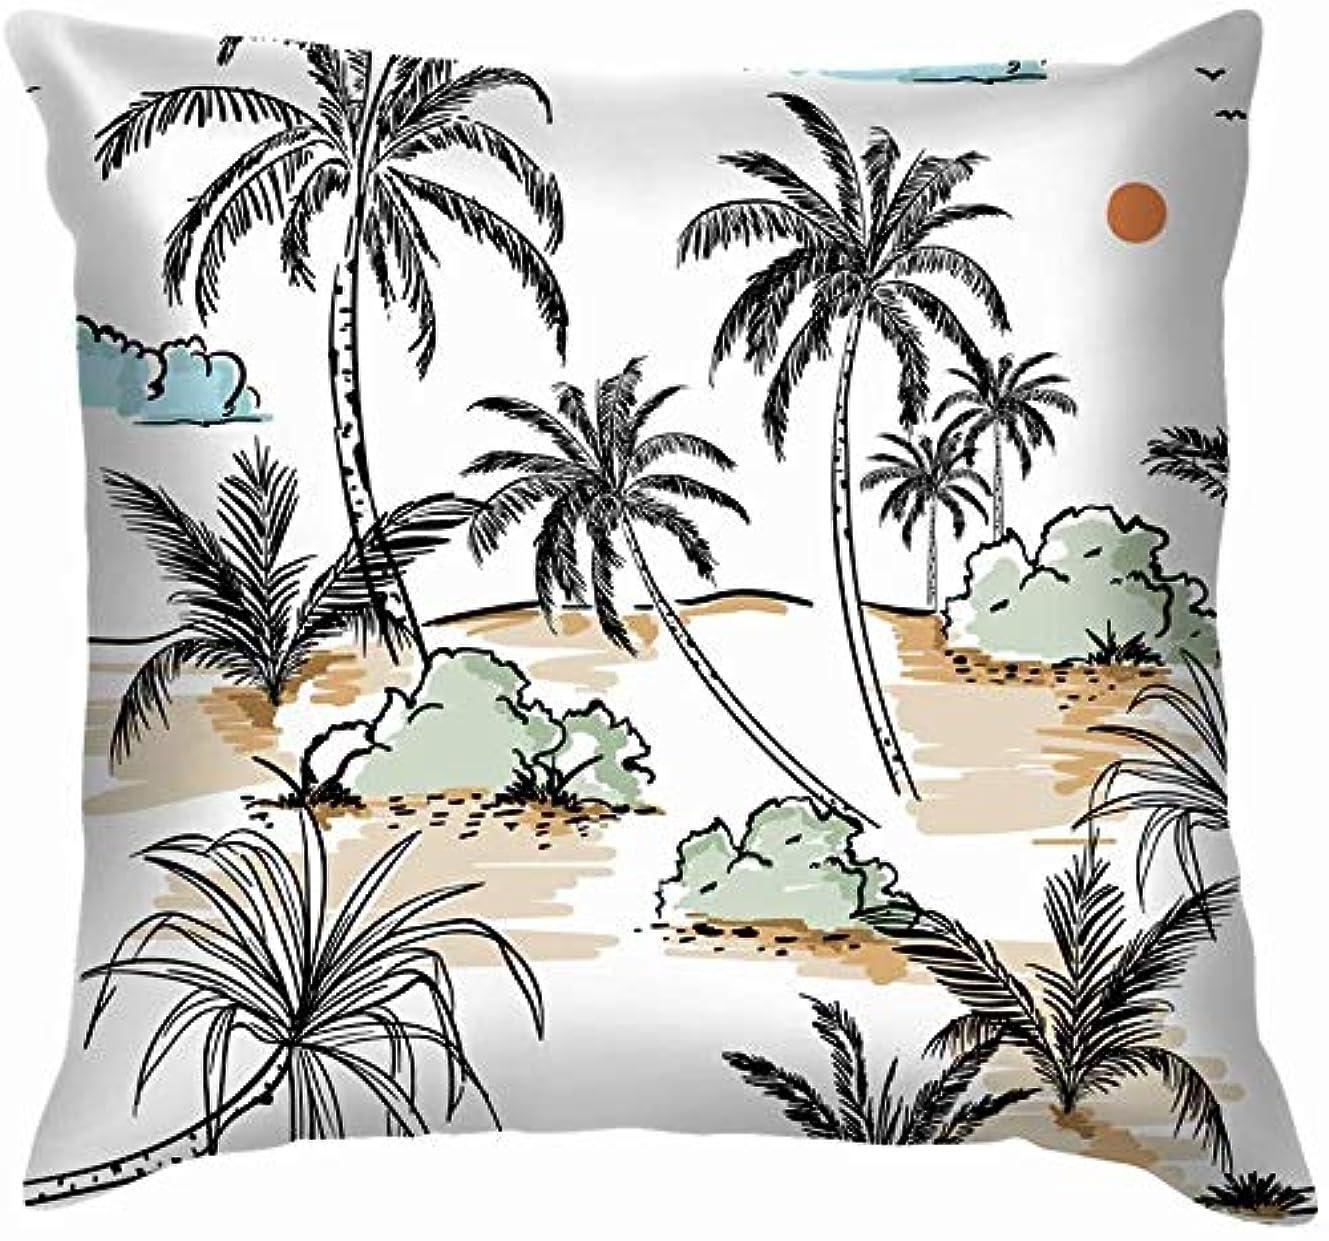 同僚ハイライトフルーツ野菜島のヤシの木の手描きのスケッチ投げ枕カバーホームソファクッションカバー枕ギフト45x45 cm